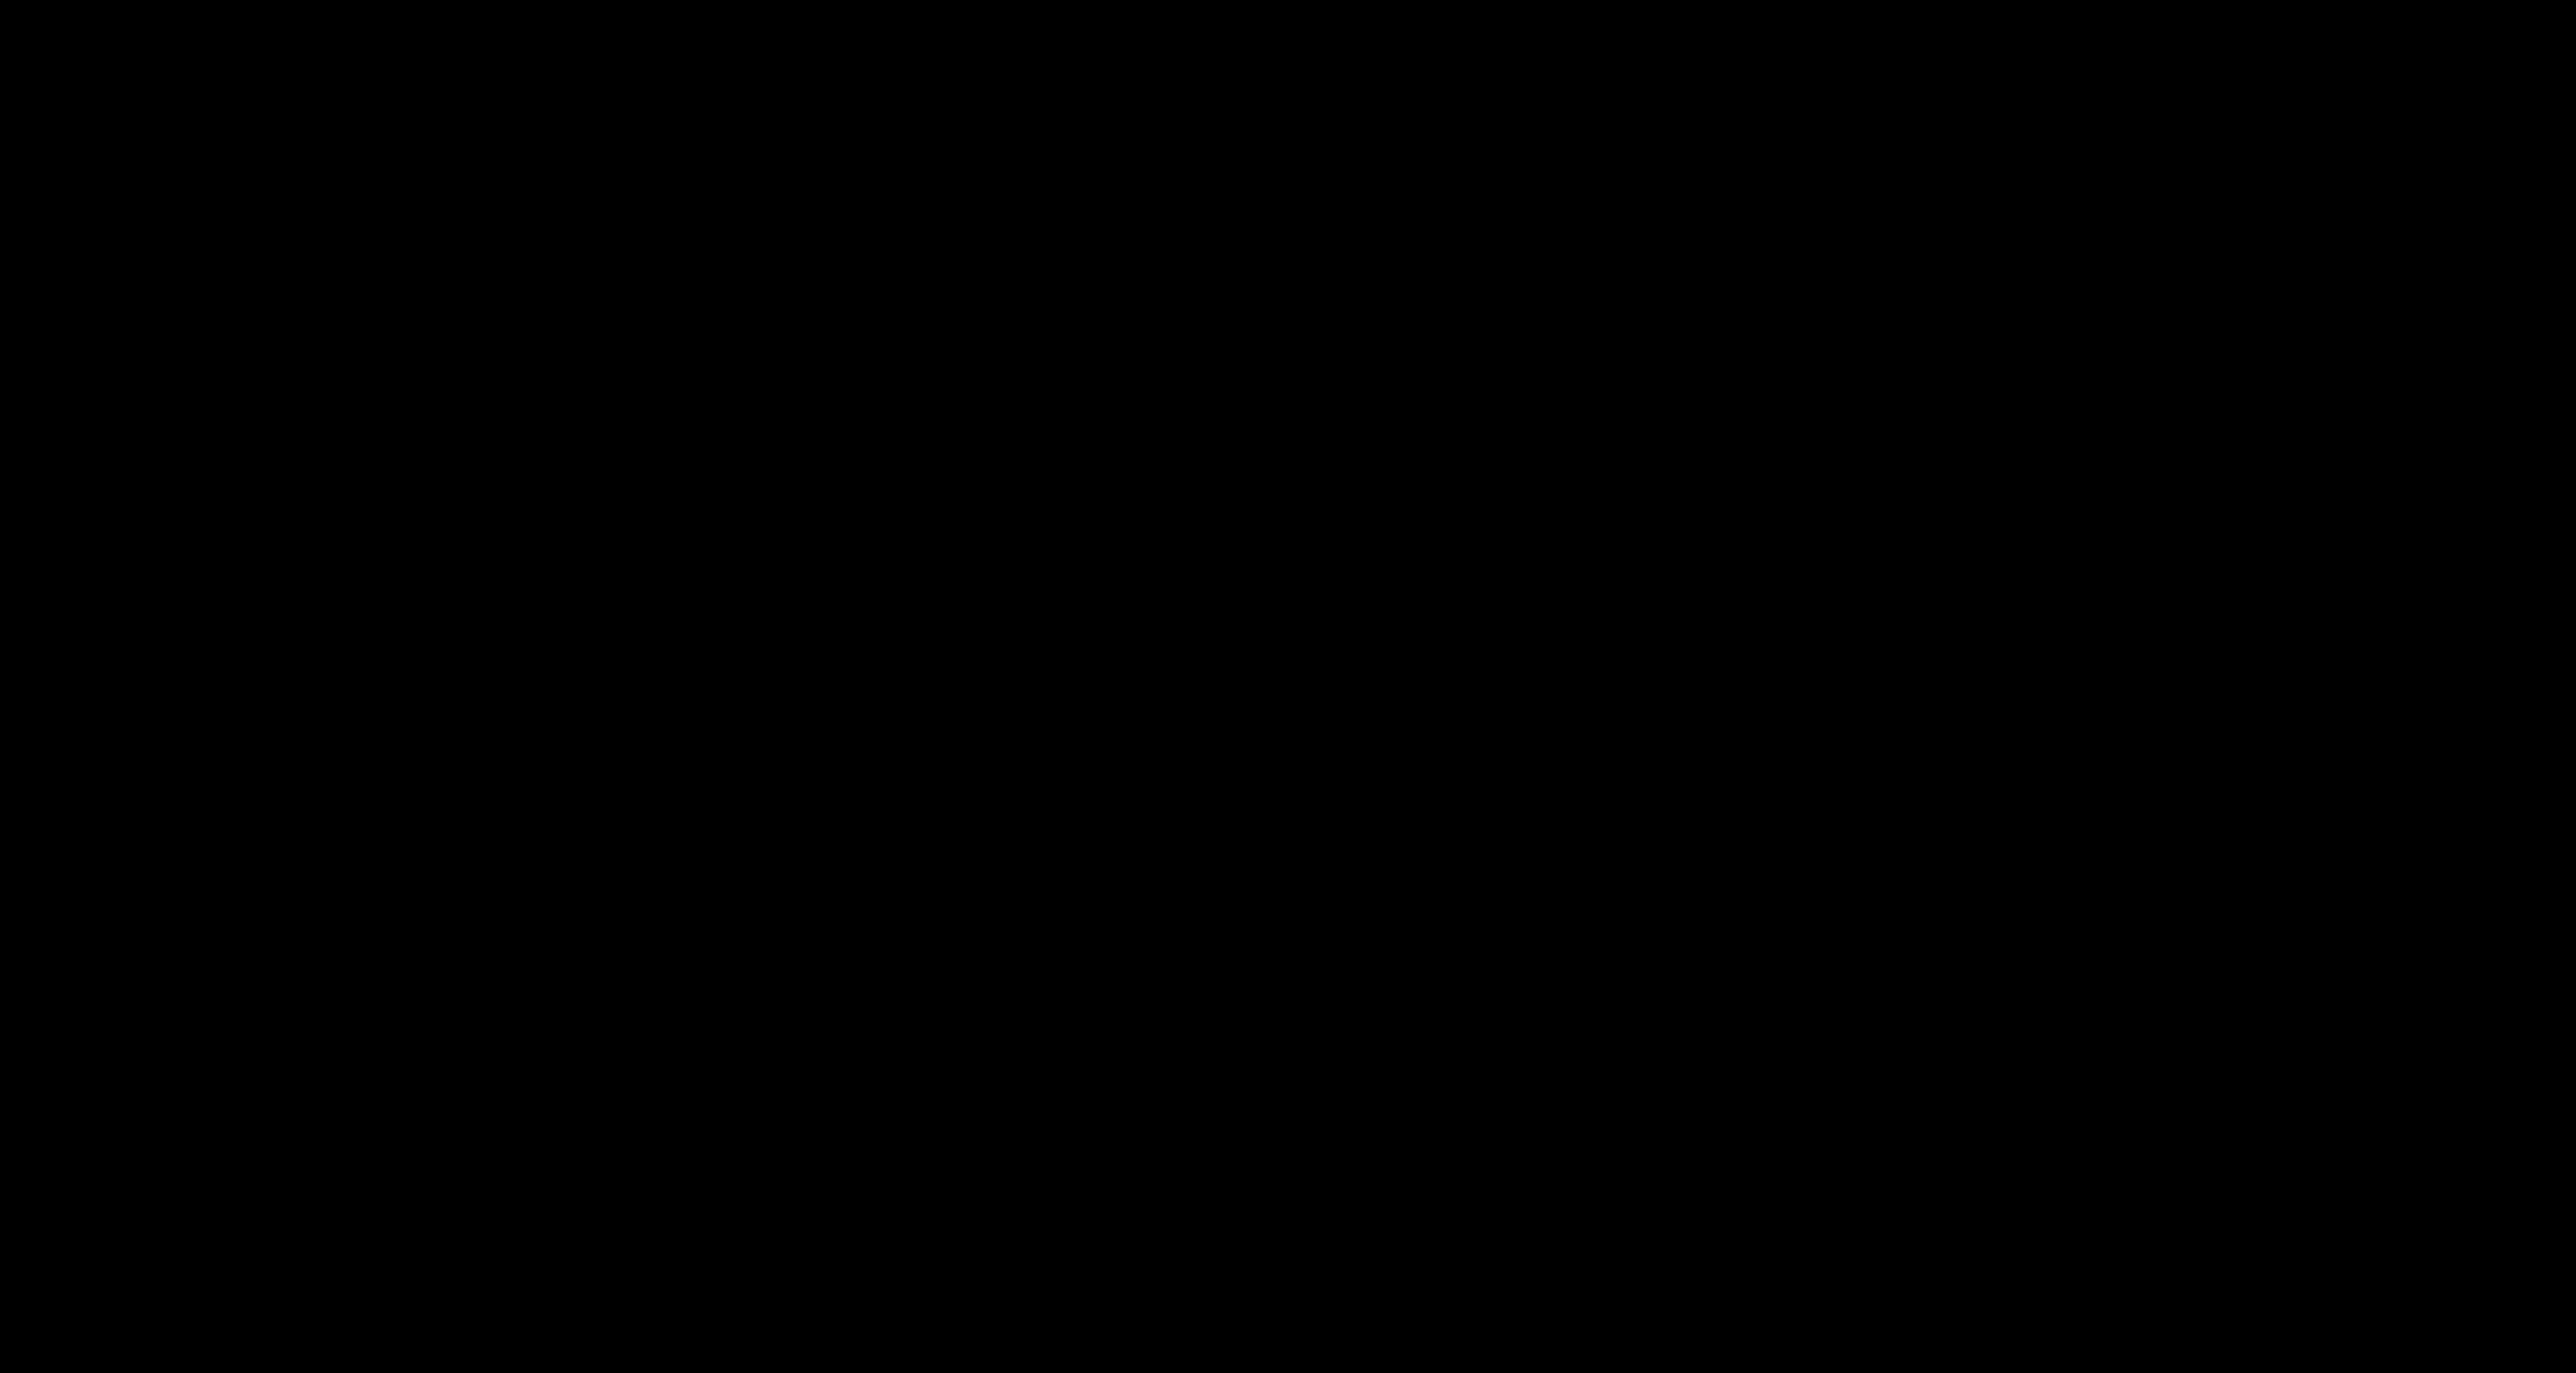 Pulpofilms